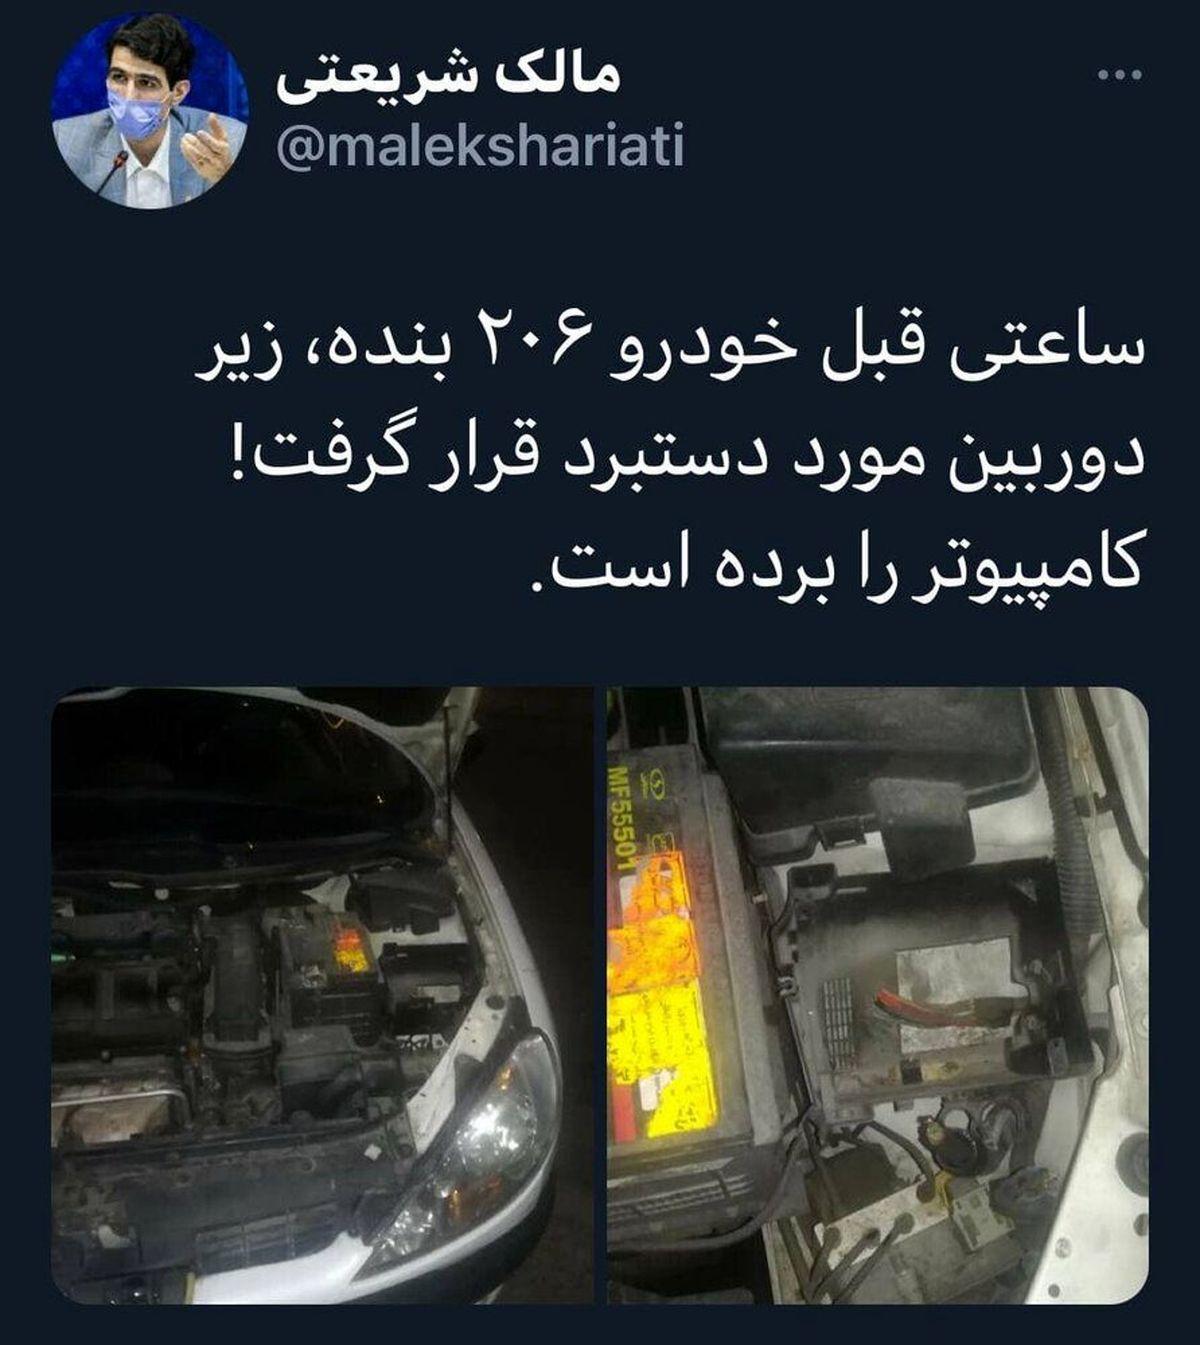 ماشین یک نماینده مجلس به سرقت رفت!+ عکس